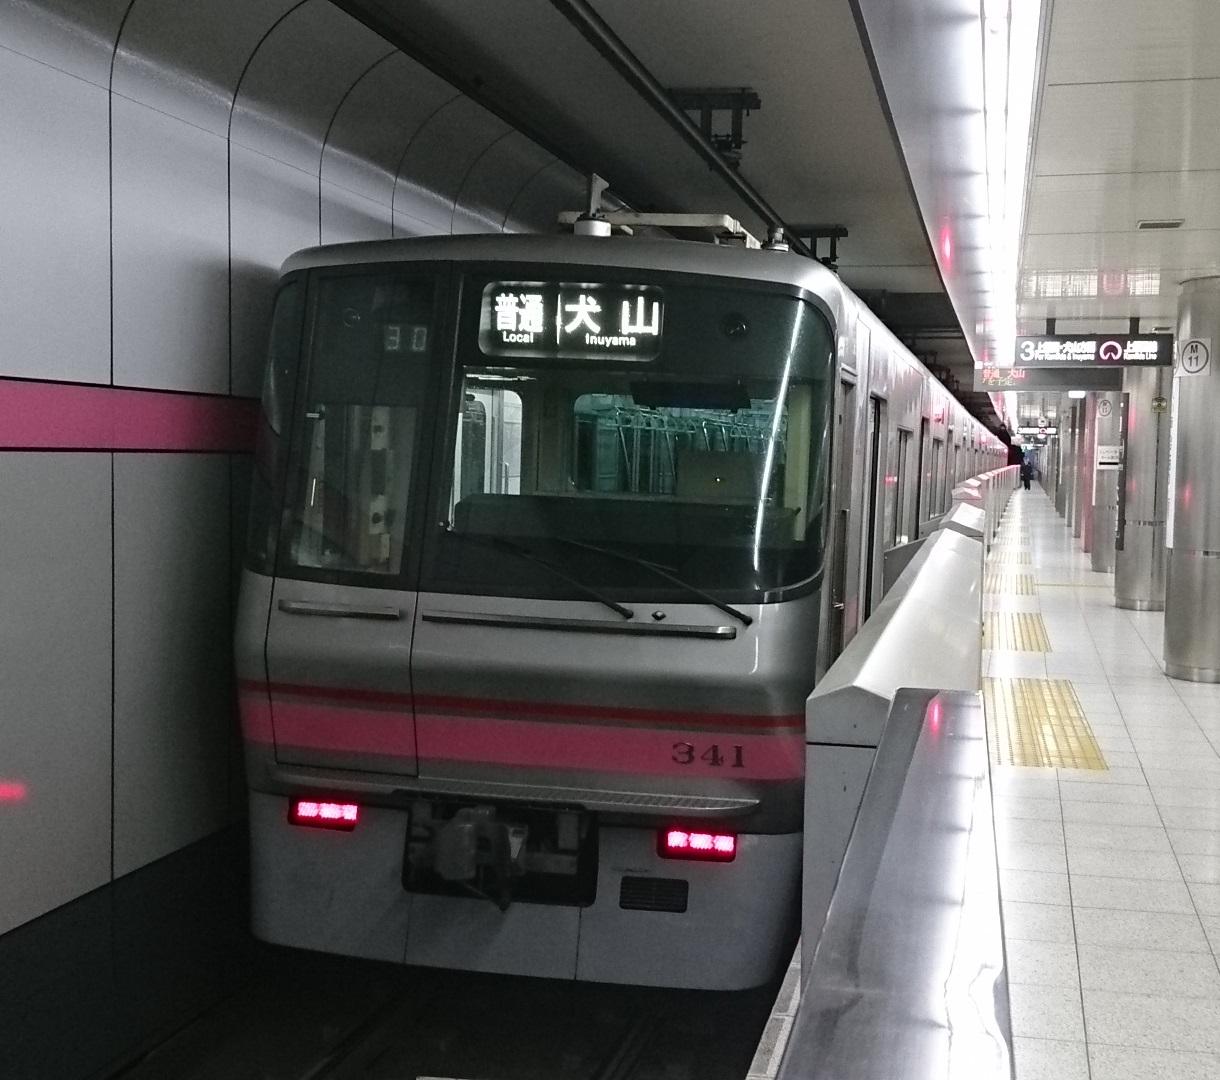 2017.1.13 名古屋から春日井まで (11) 平安通 - 犬山いきふつう 1220-1080